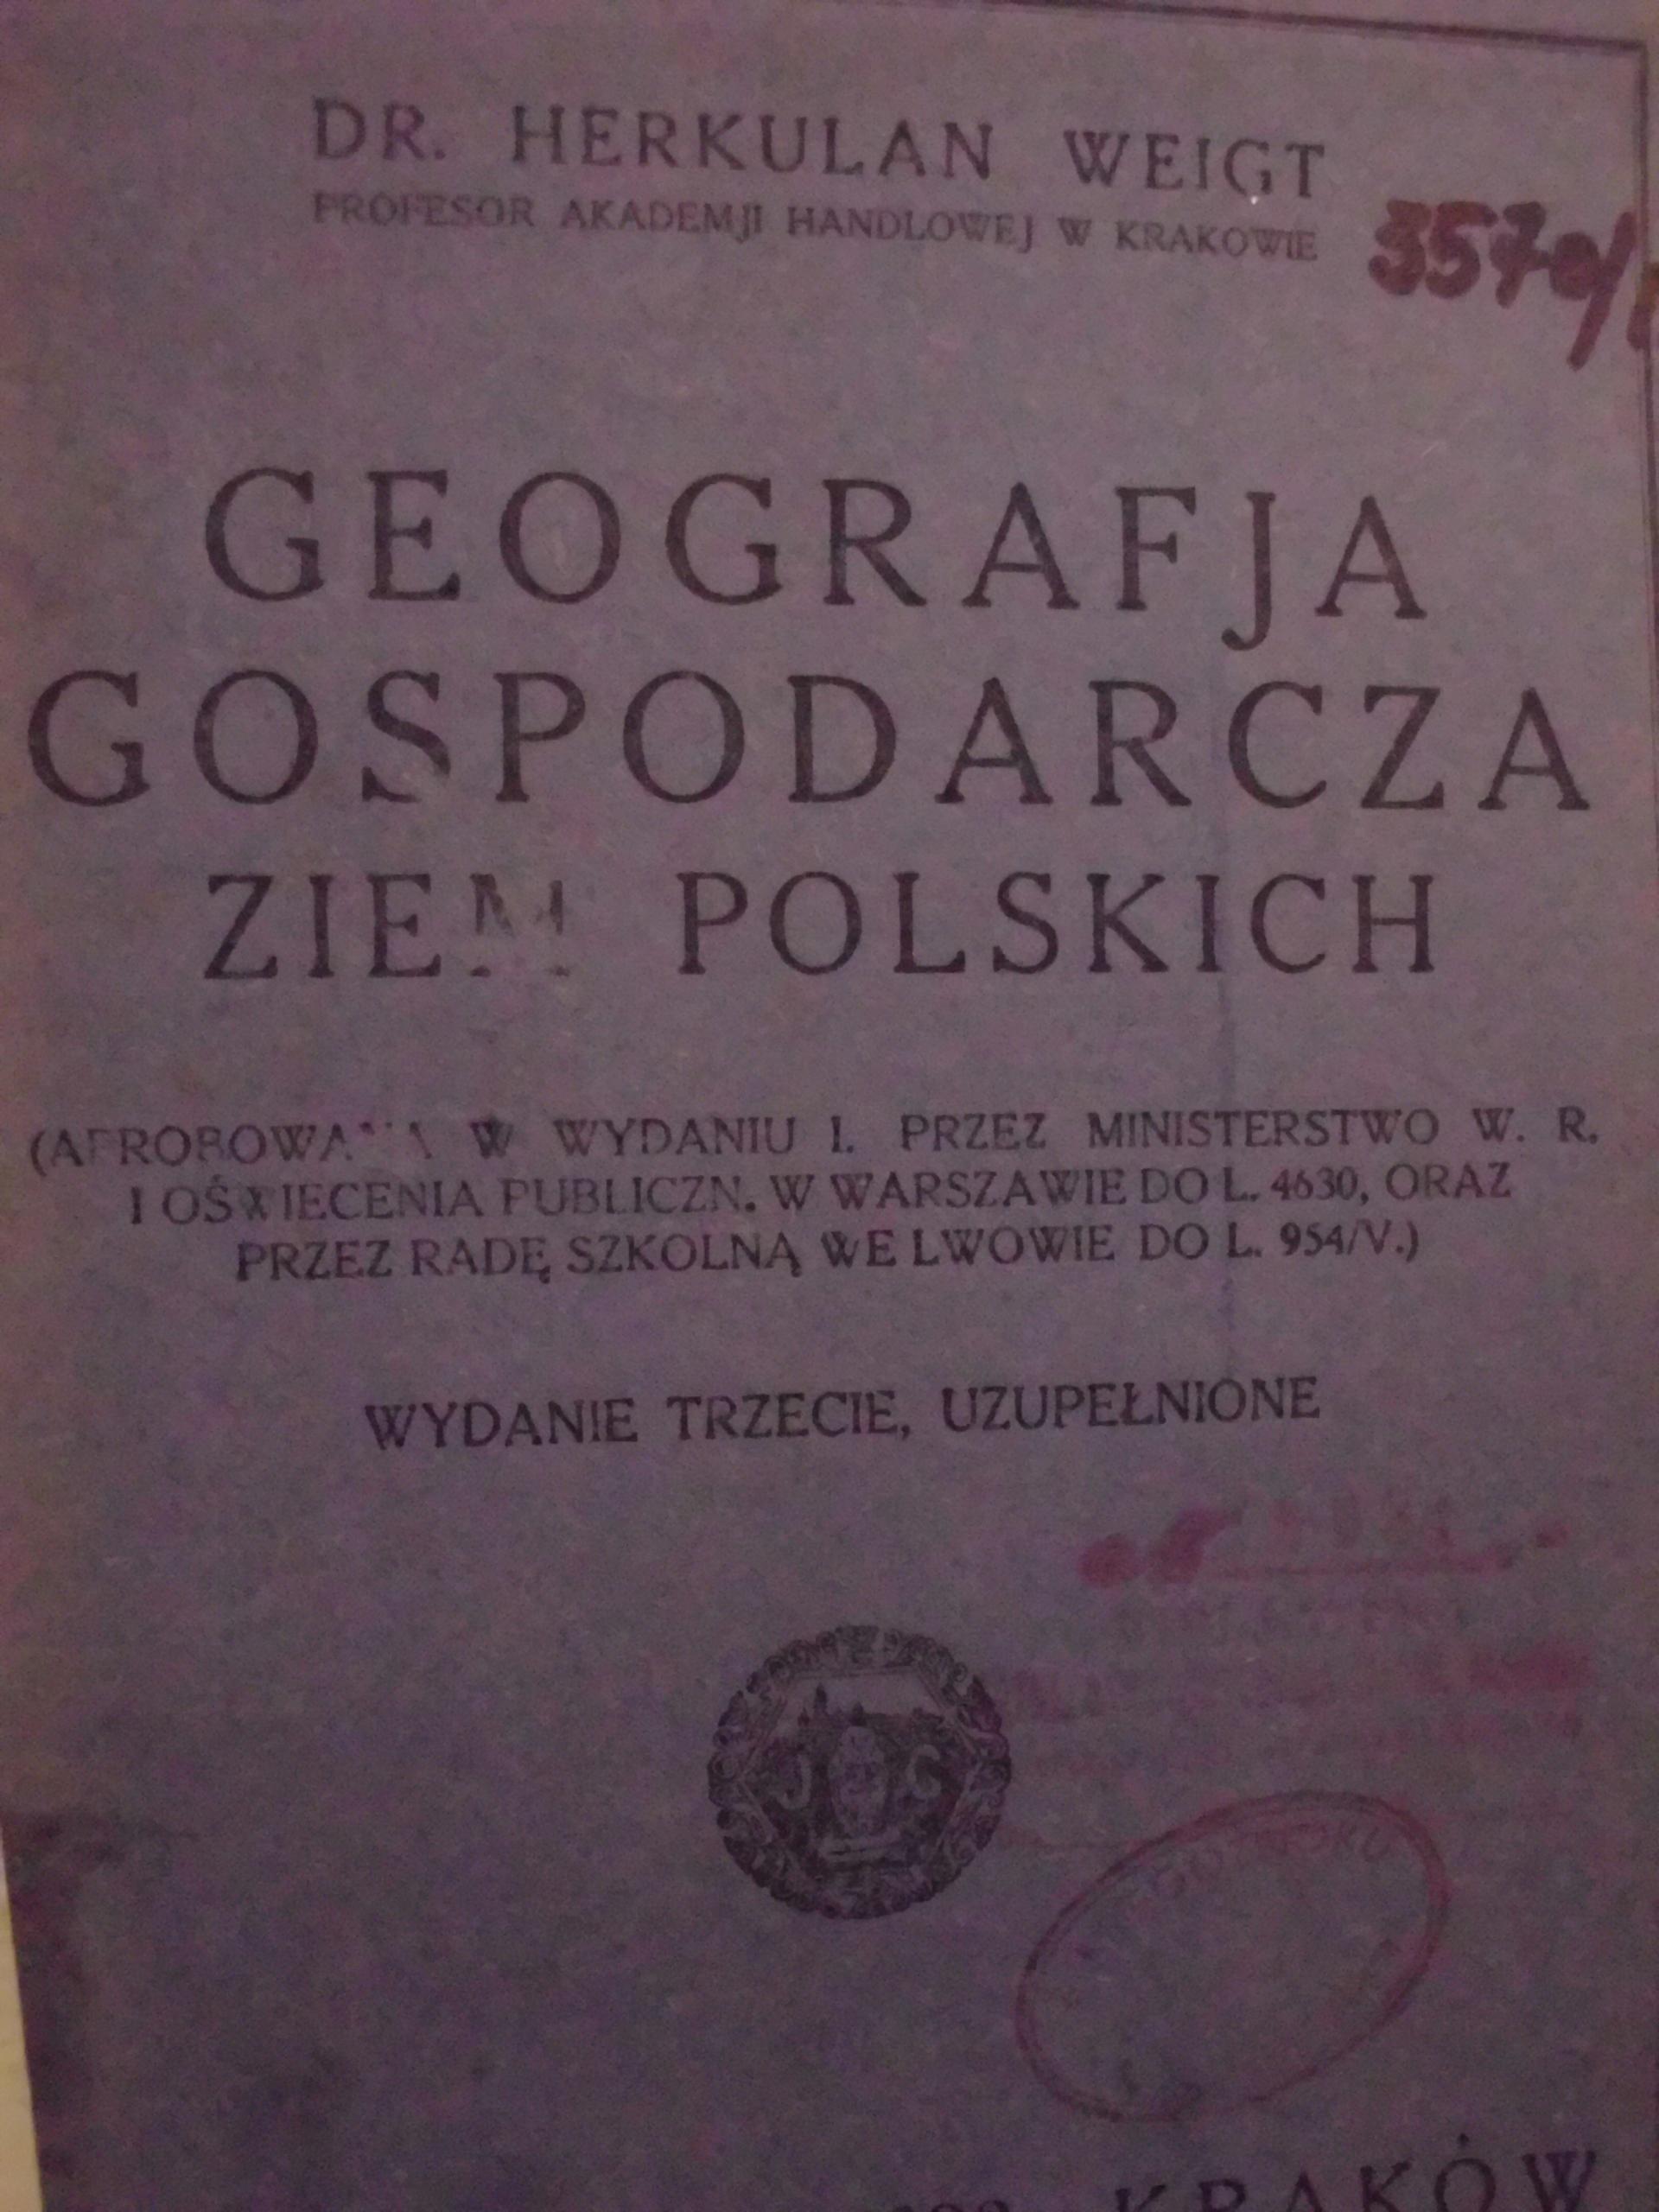 Weigt Geografja gospodarcza ziem polskich (1924)